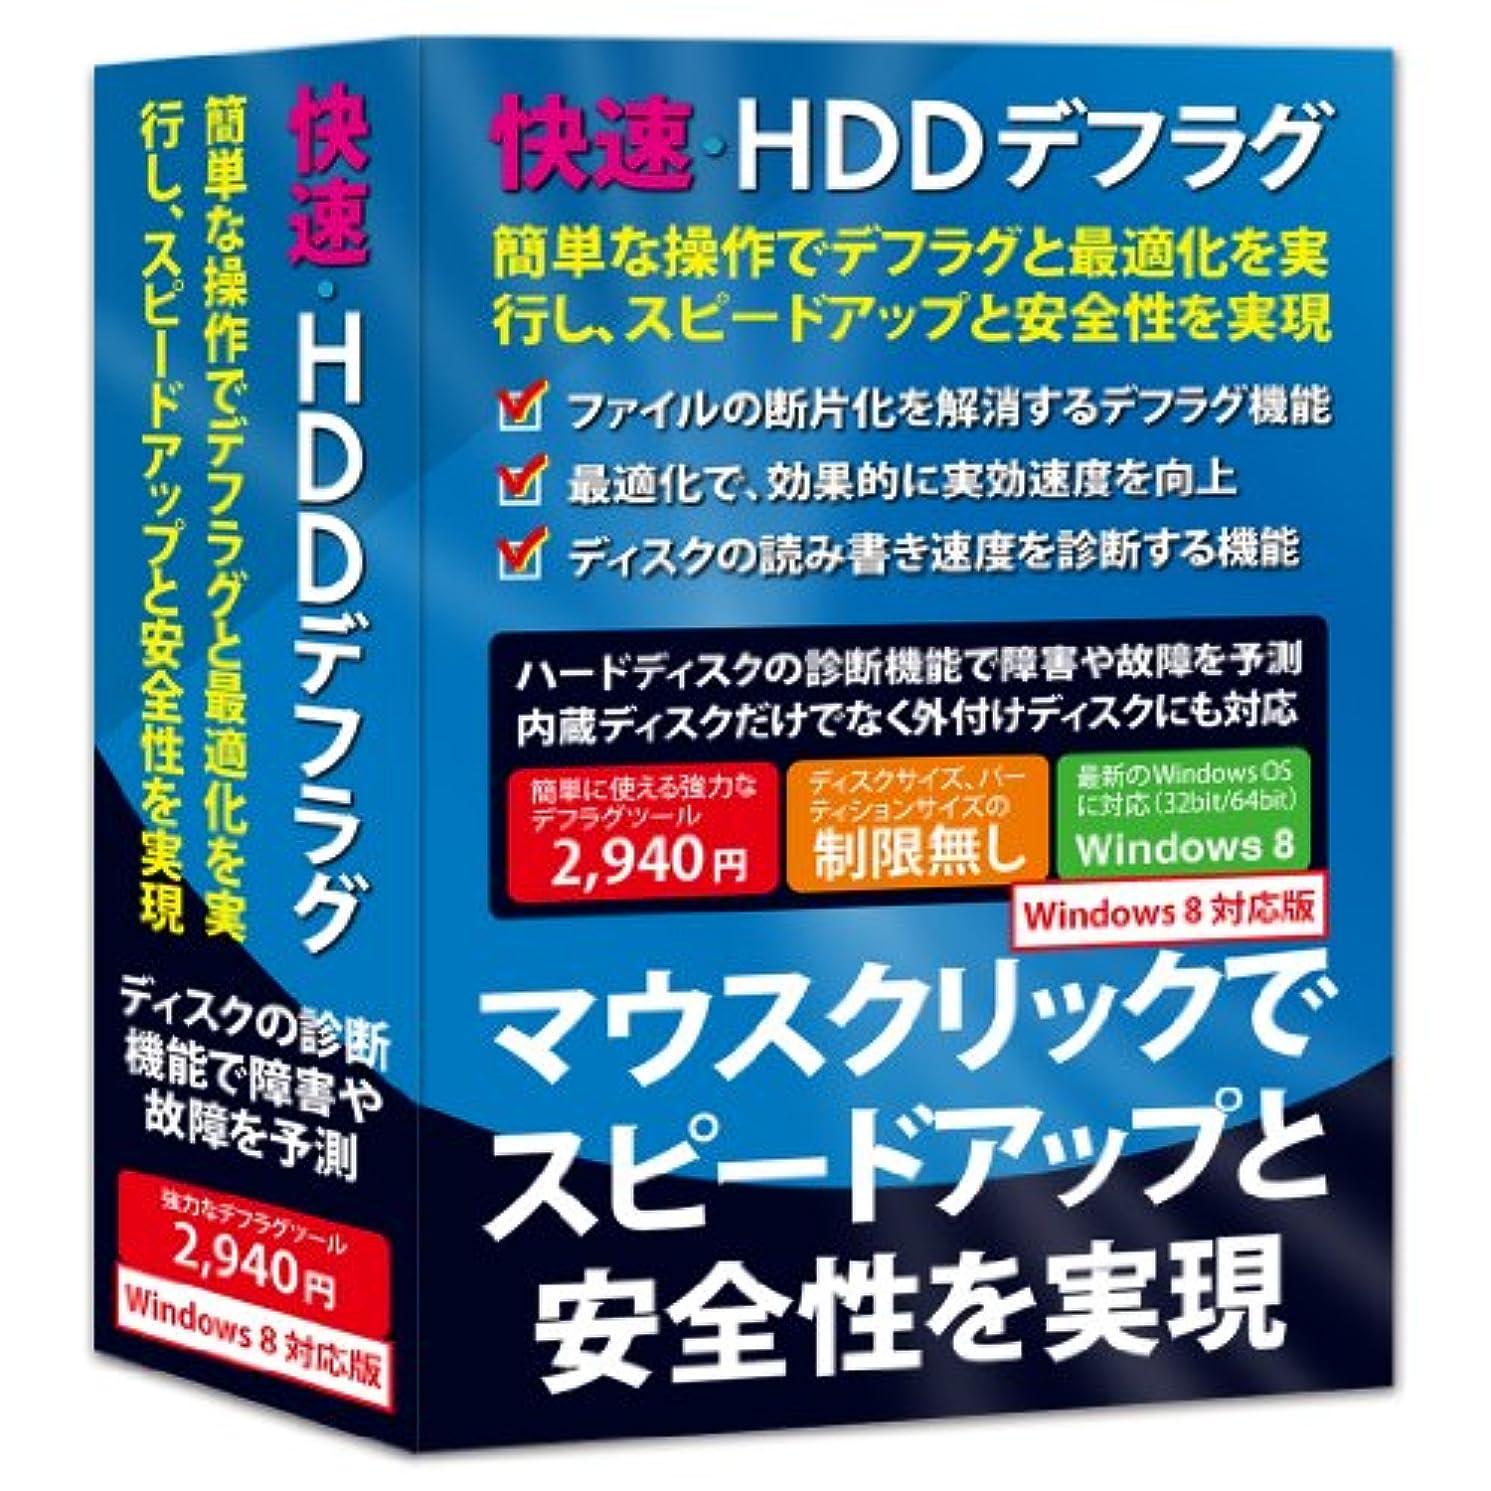 教えルーチン担当者快速?HDDデフラグ Windows8対応版